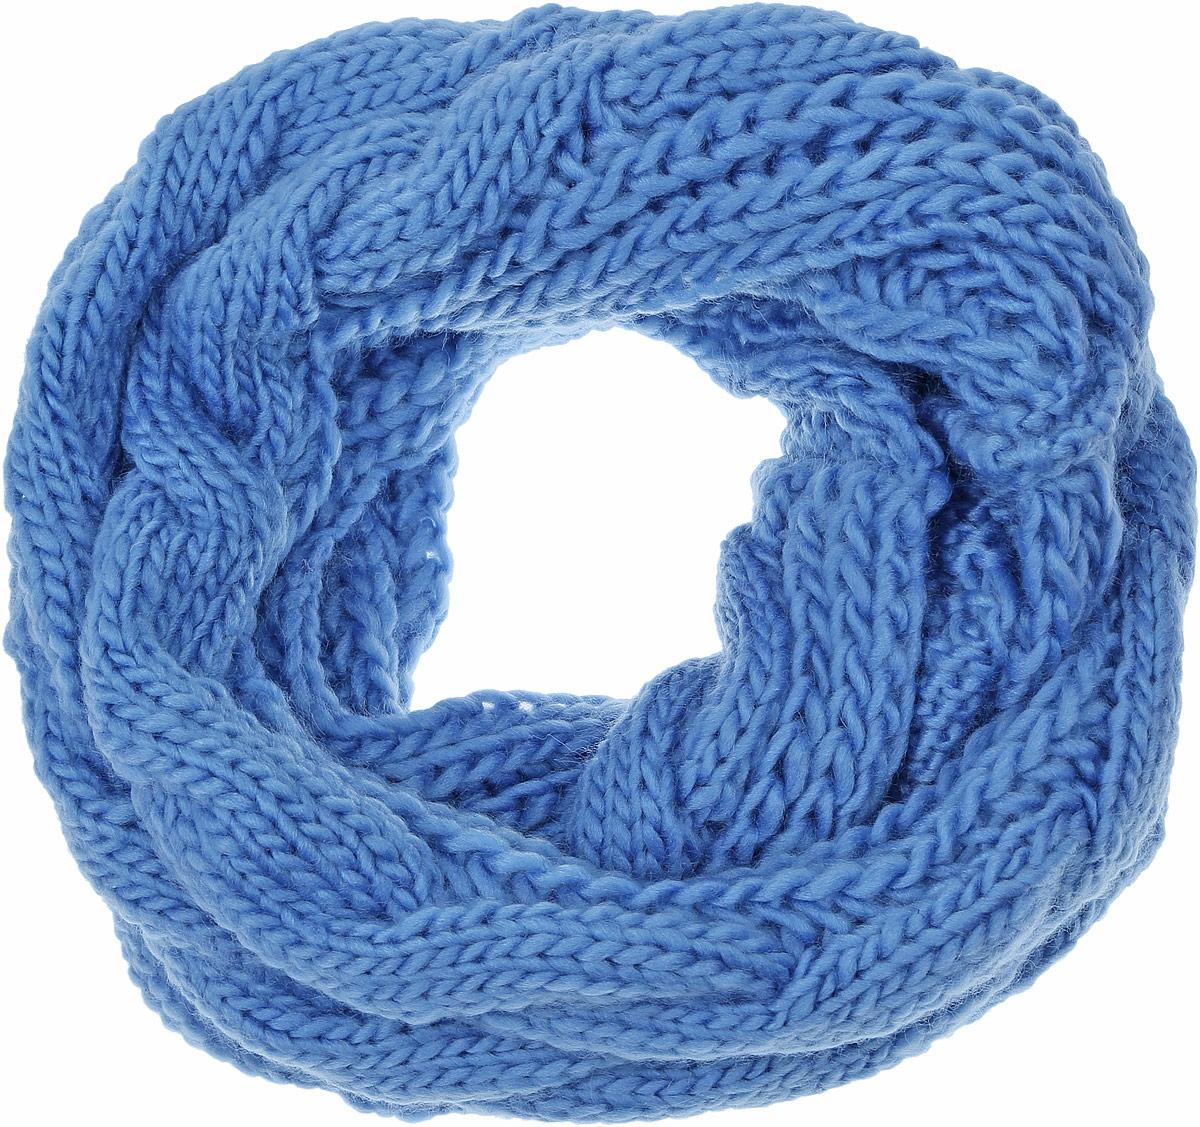 Снуд-хомут женский Vittorio Richi, цвет: синий. V2592-В27. Размер 33 см х 68 смV2592-В27Женский вязаный снуд-хомут Vittorio Richi выполнен из модала с добавлением мохера. Модель оформлена крупной вязкой.